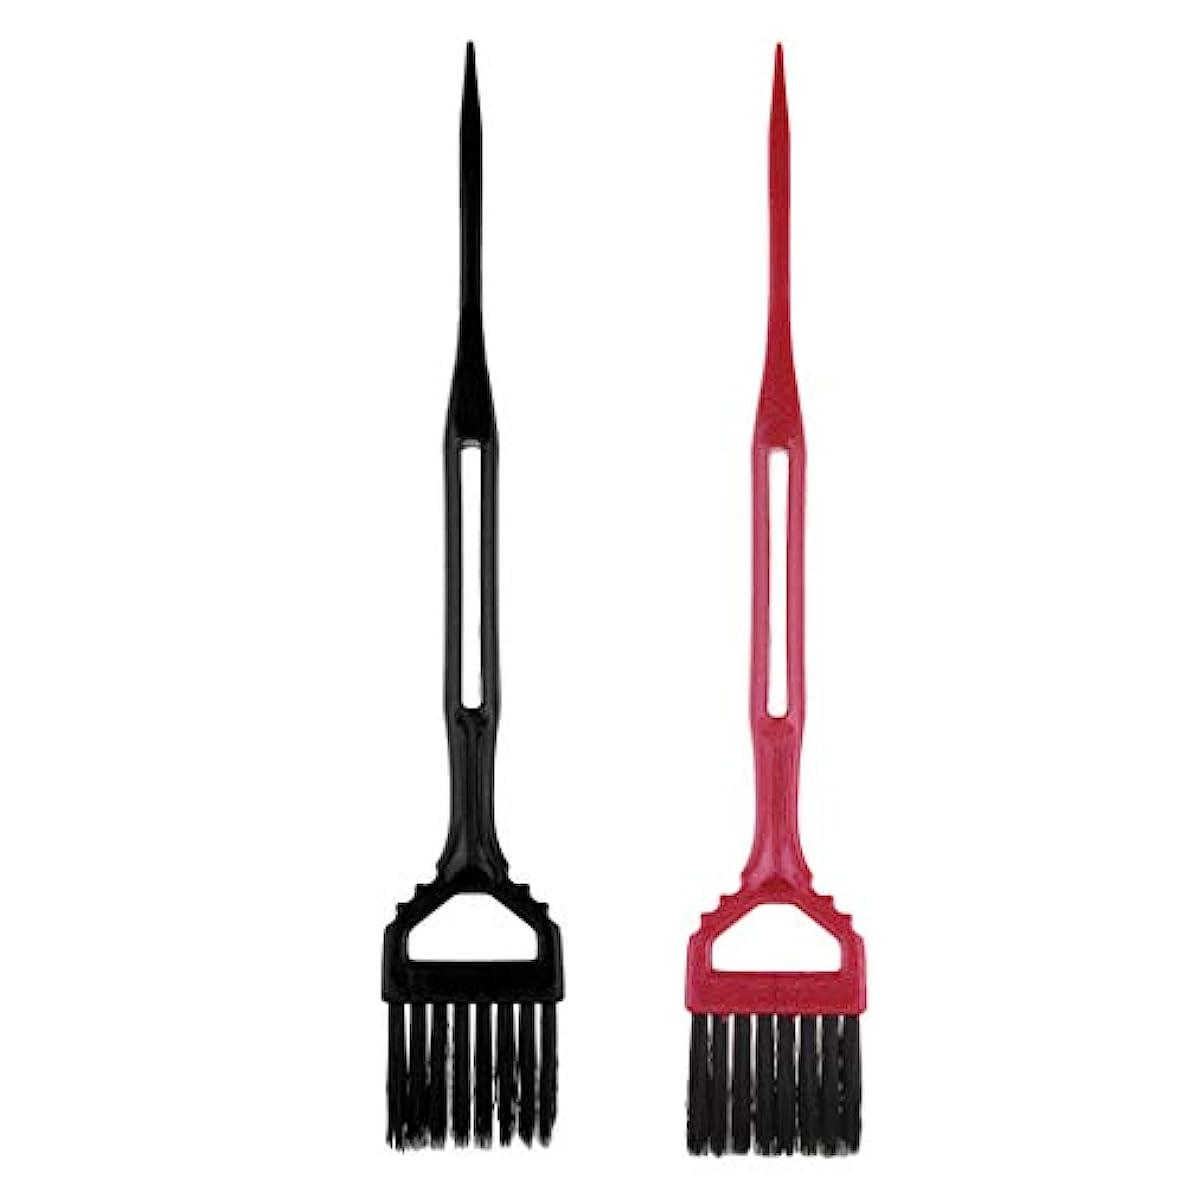 経験的最悪なぜToygogo 2サロン理髪髪染め櫛分布ブラシツールのセット髪型染め染め櫛ツール